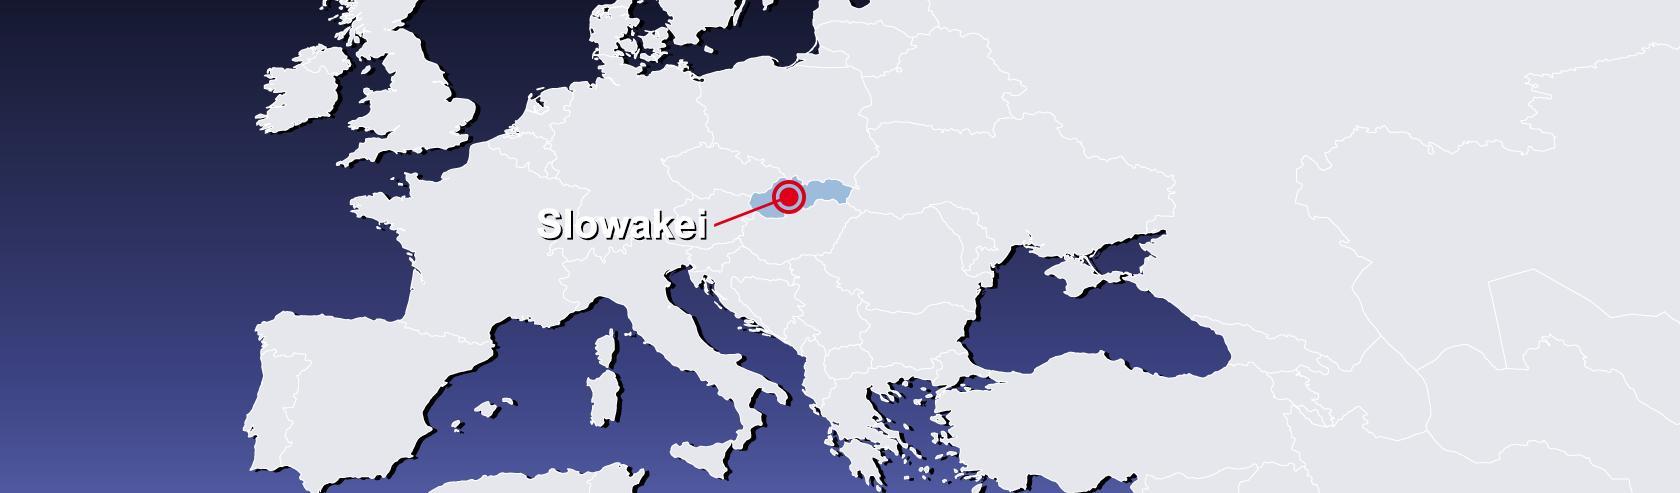 Transport-Slowakei